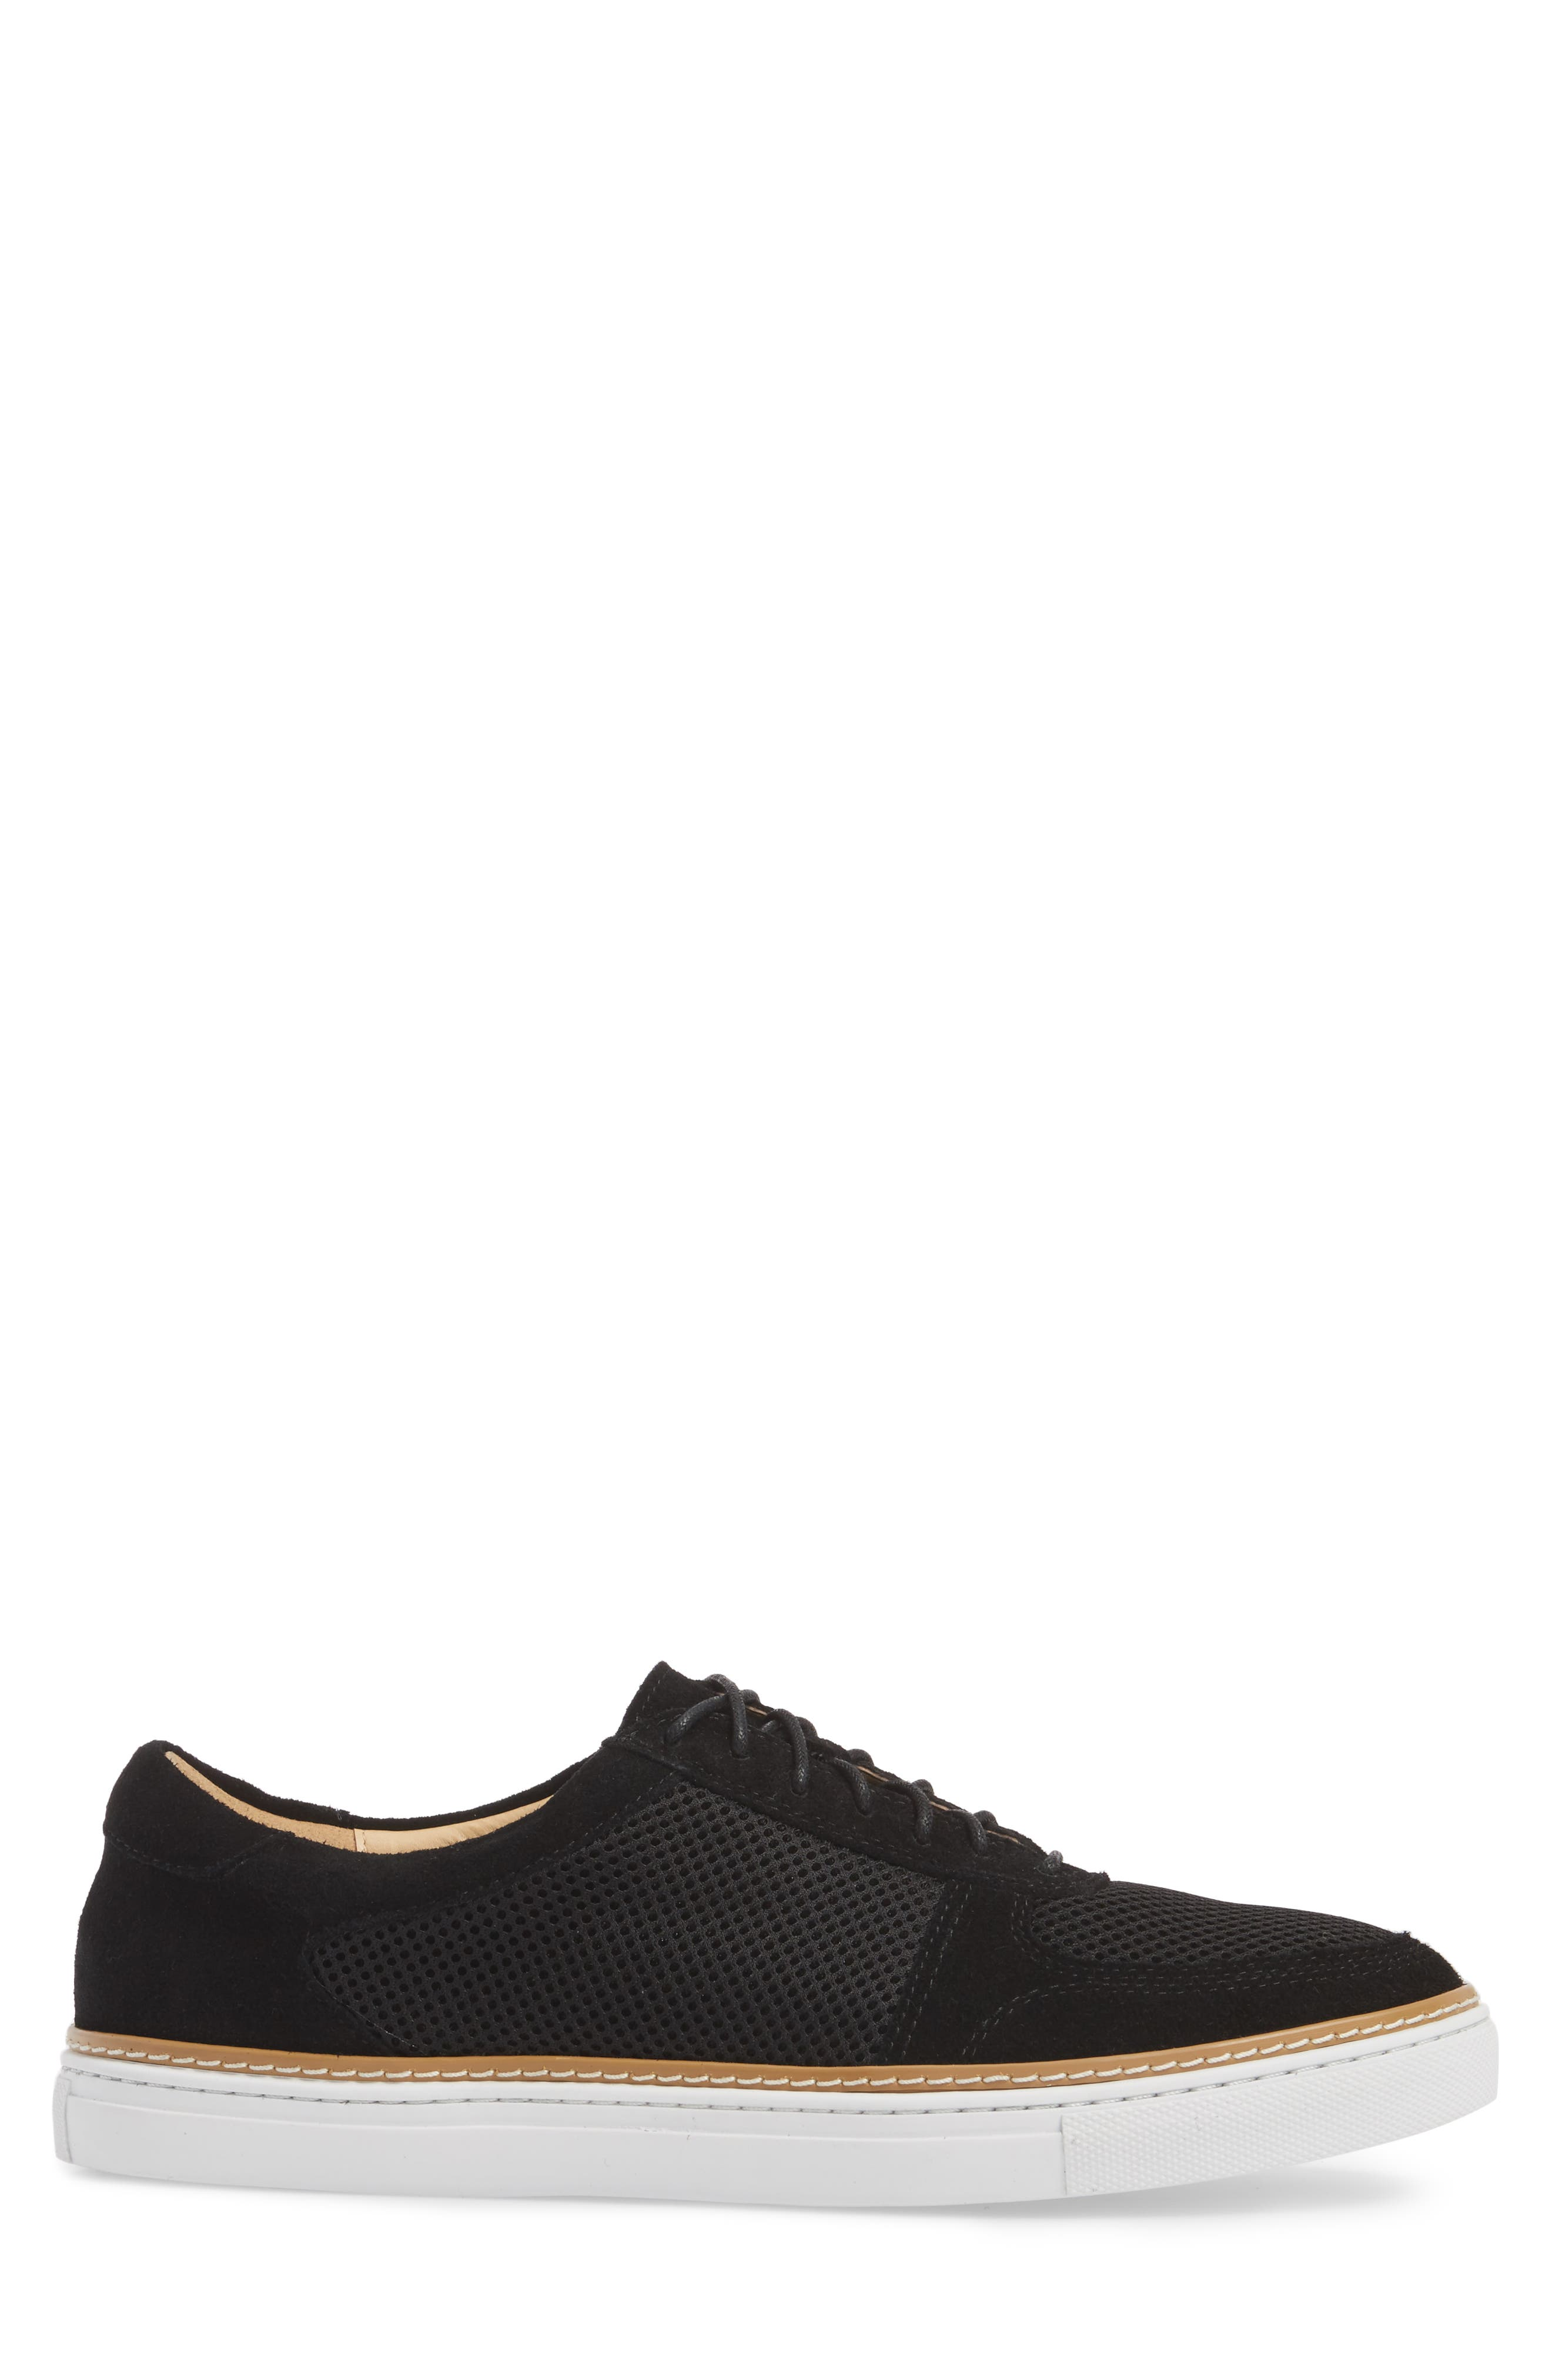 Landseer Mesh Sneaker,                             Alternate thumbnail 3, color,                             BLACK SUEDE/ MESH